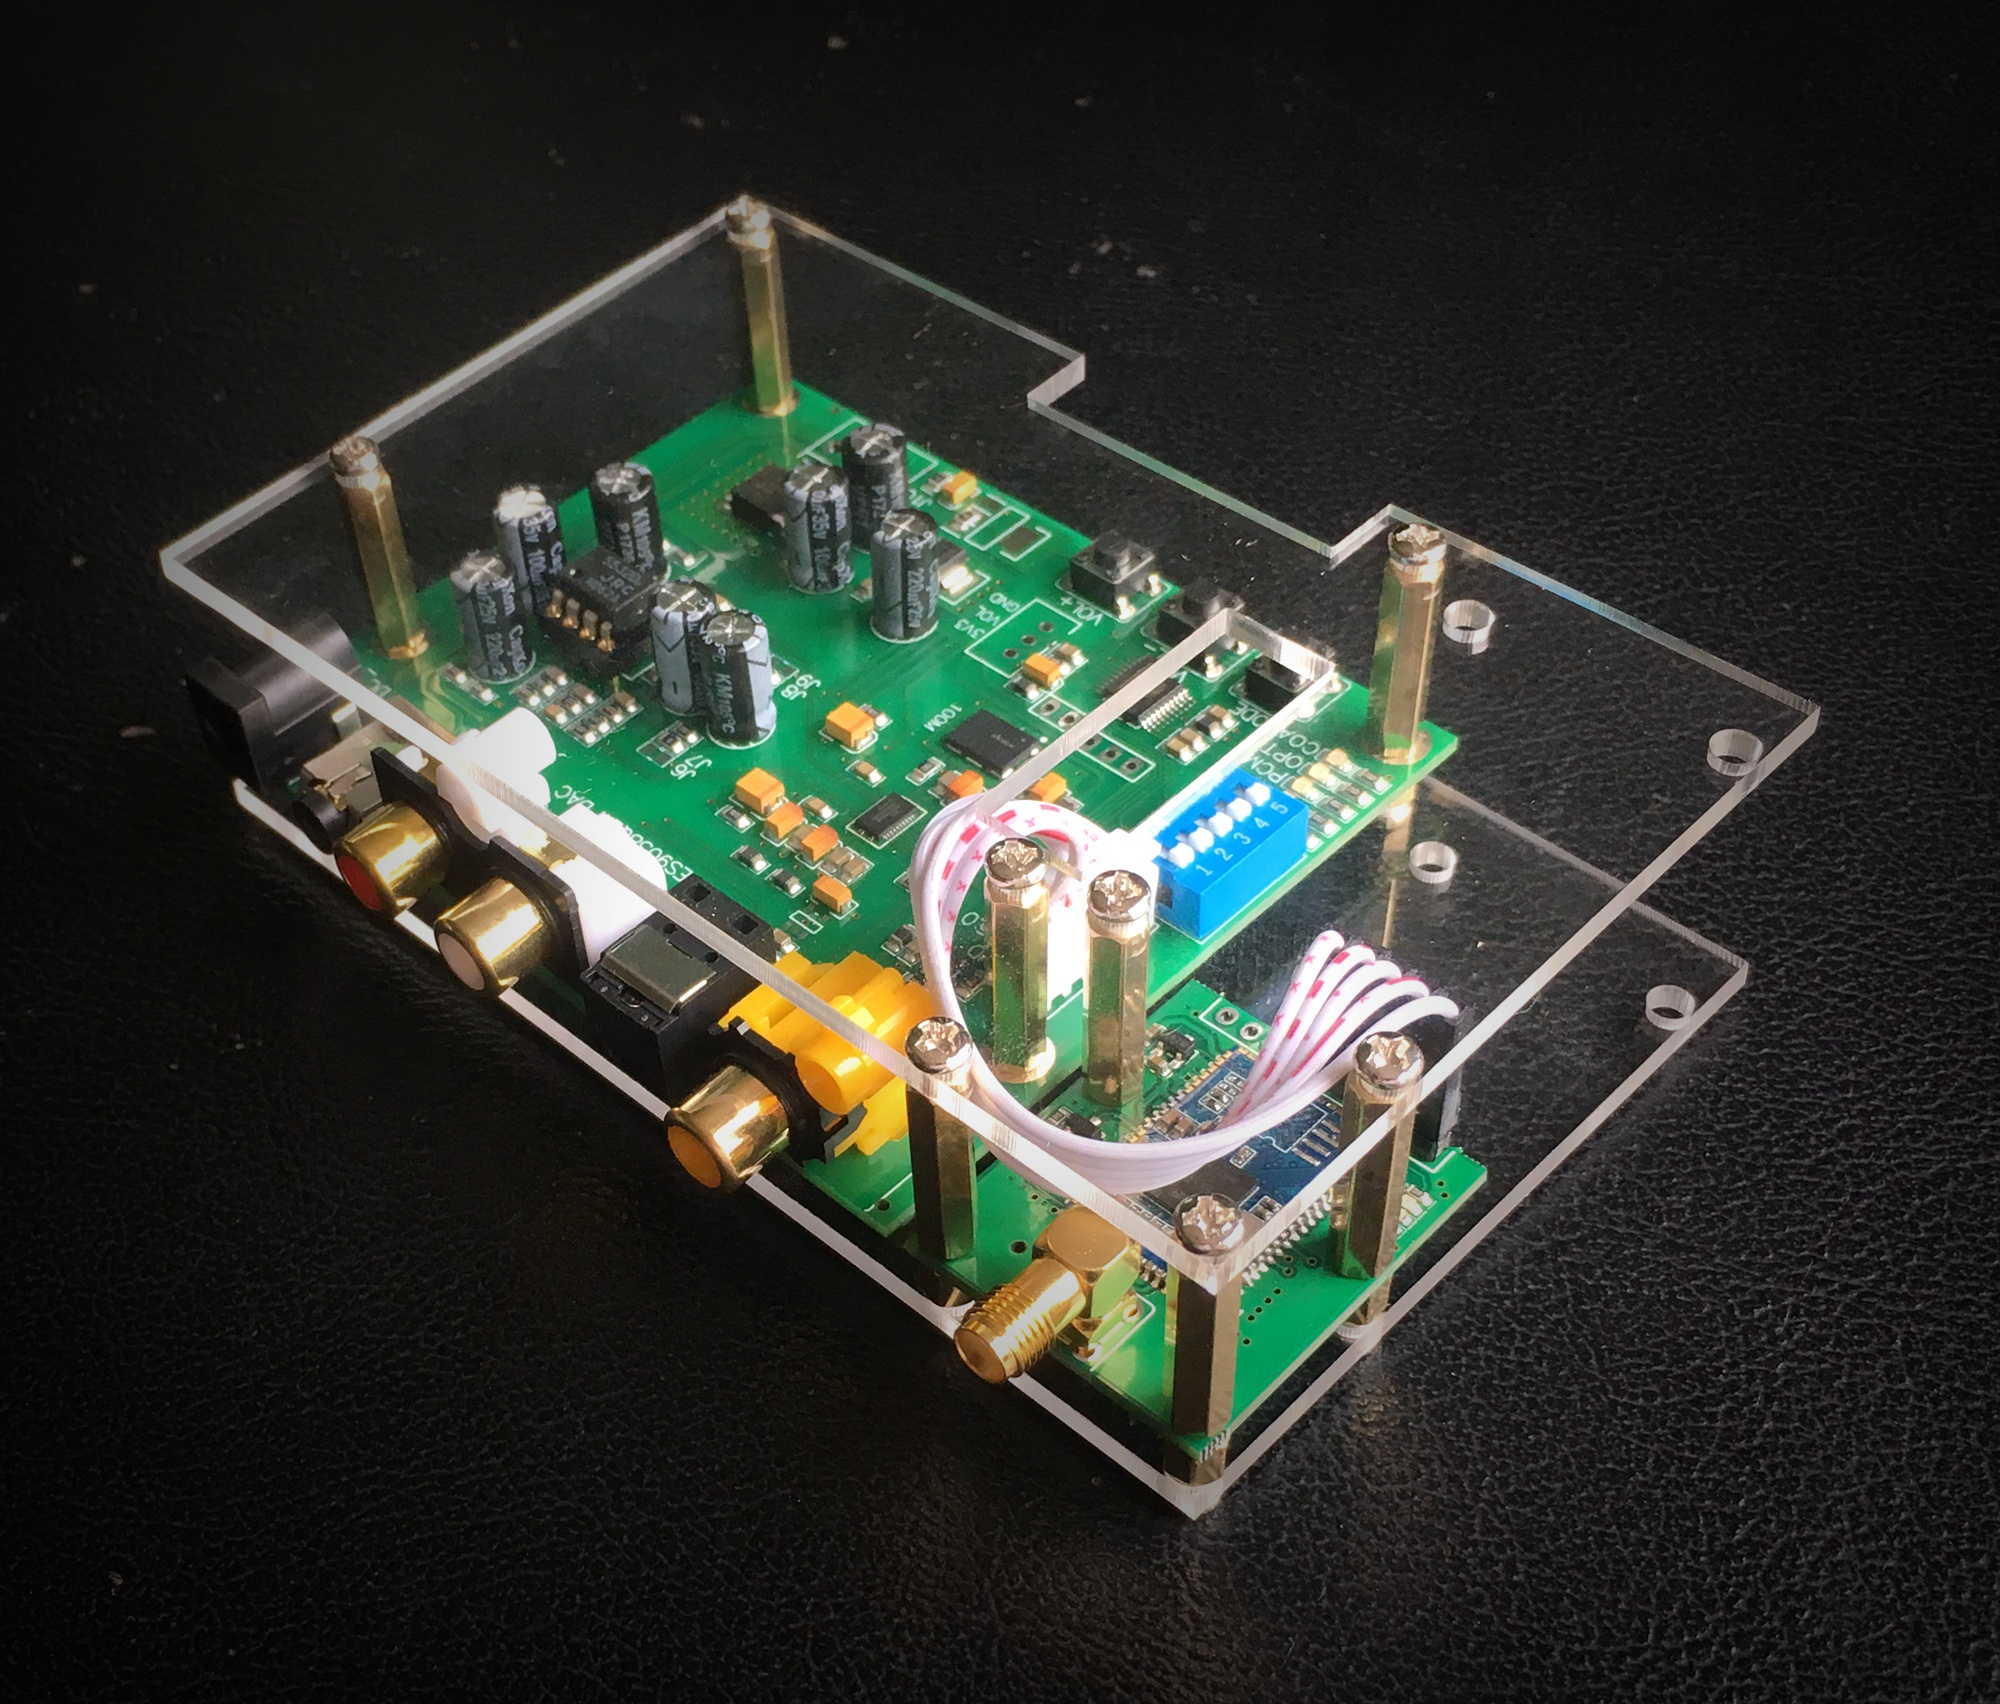 ES9038Q2M DAC I2S SPIDF Decoder Board CSR8675 Aptx-hd Bluetooth 5 Module